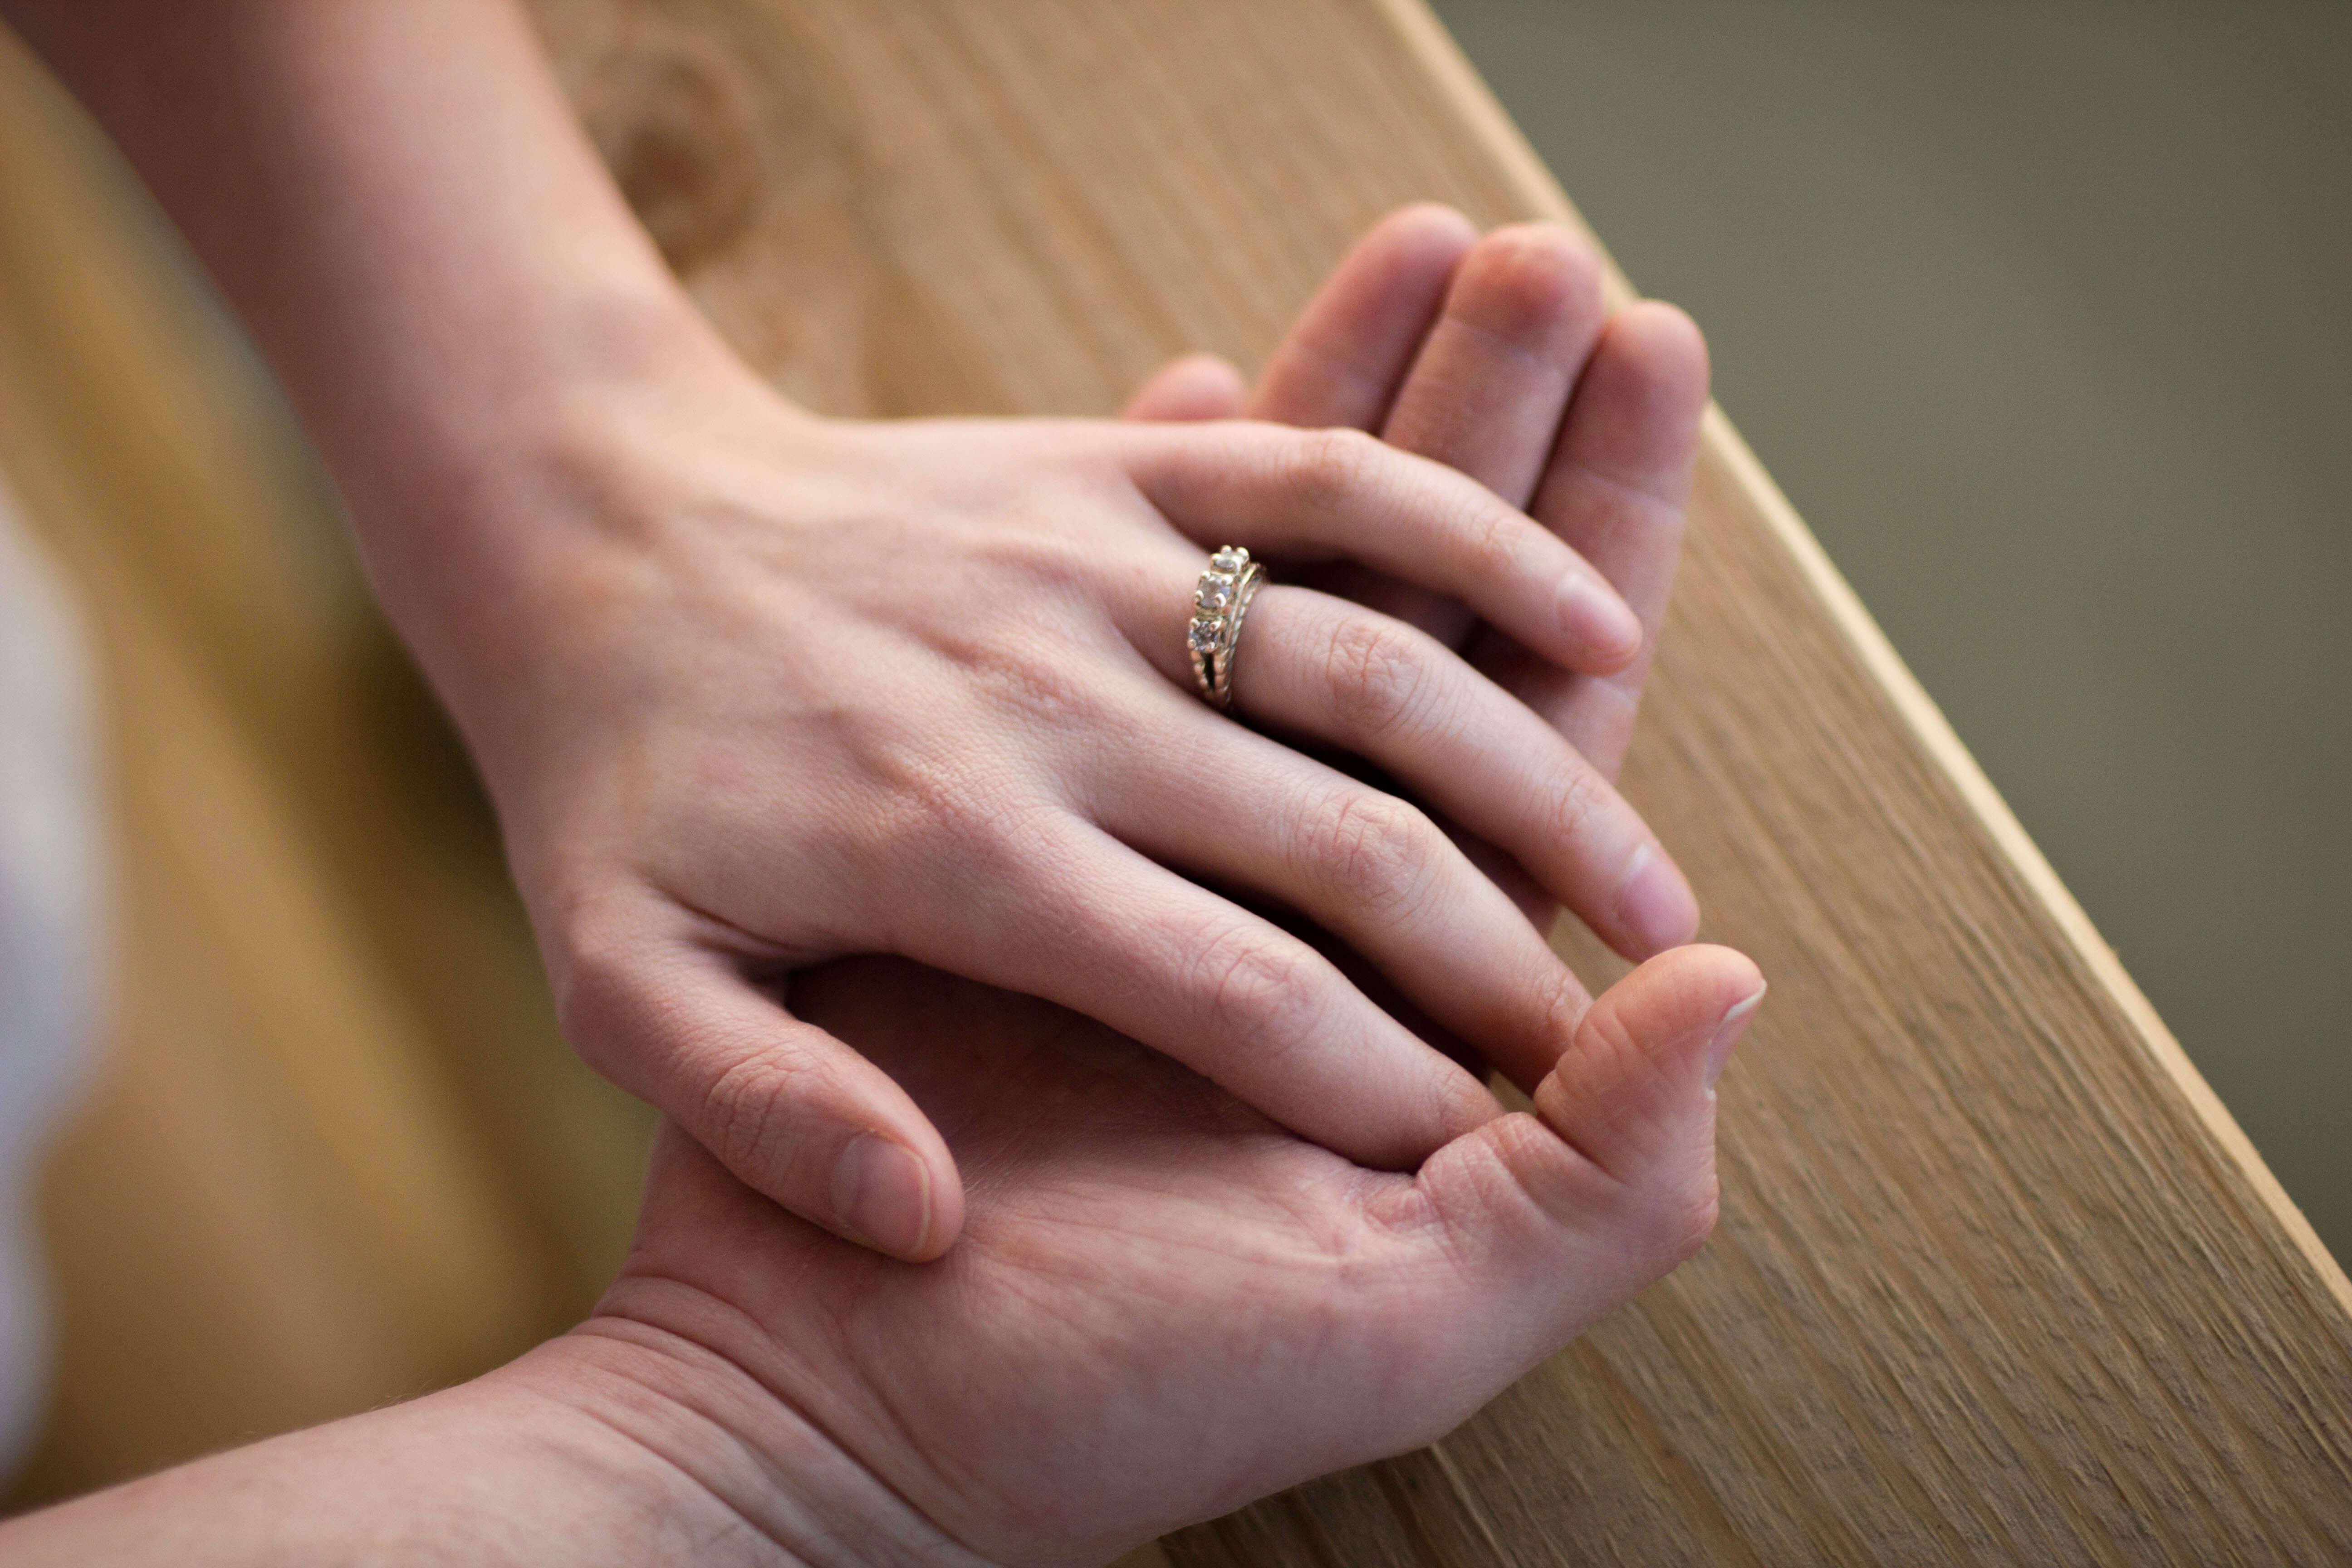 瀬戸康史と山本美月が結婚を発表!似た者同士という、2人の馴れ初めは